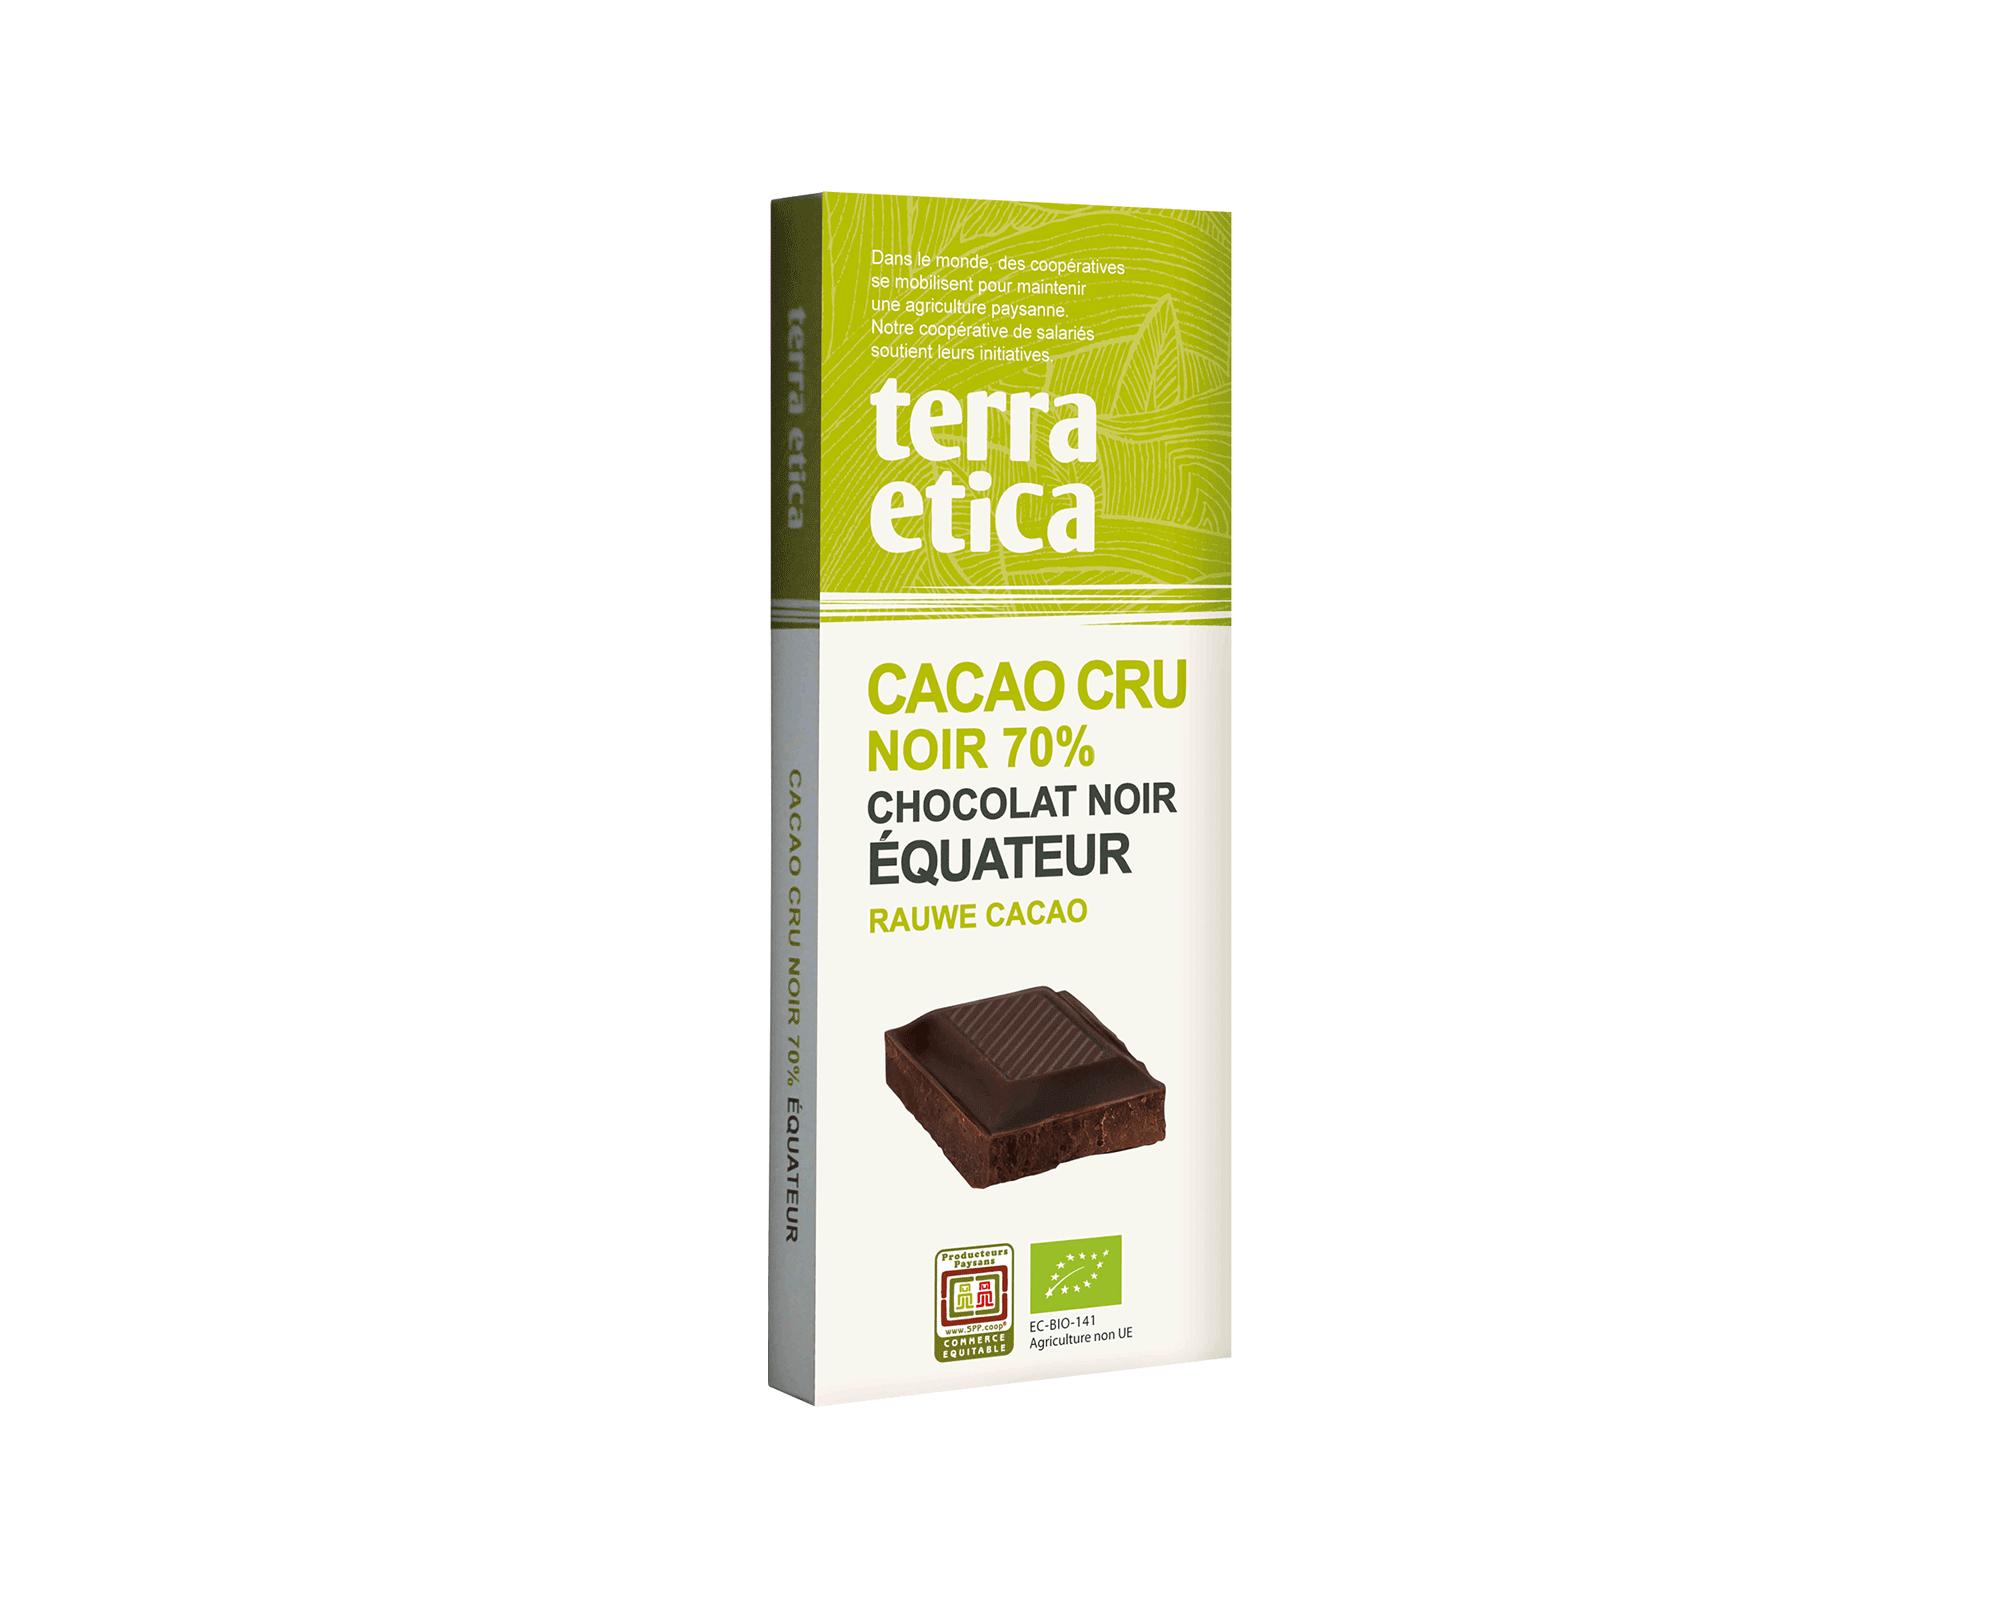 Cacao Cru 70% cacao non torréfié bio et équitable I Terra Etica